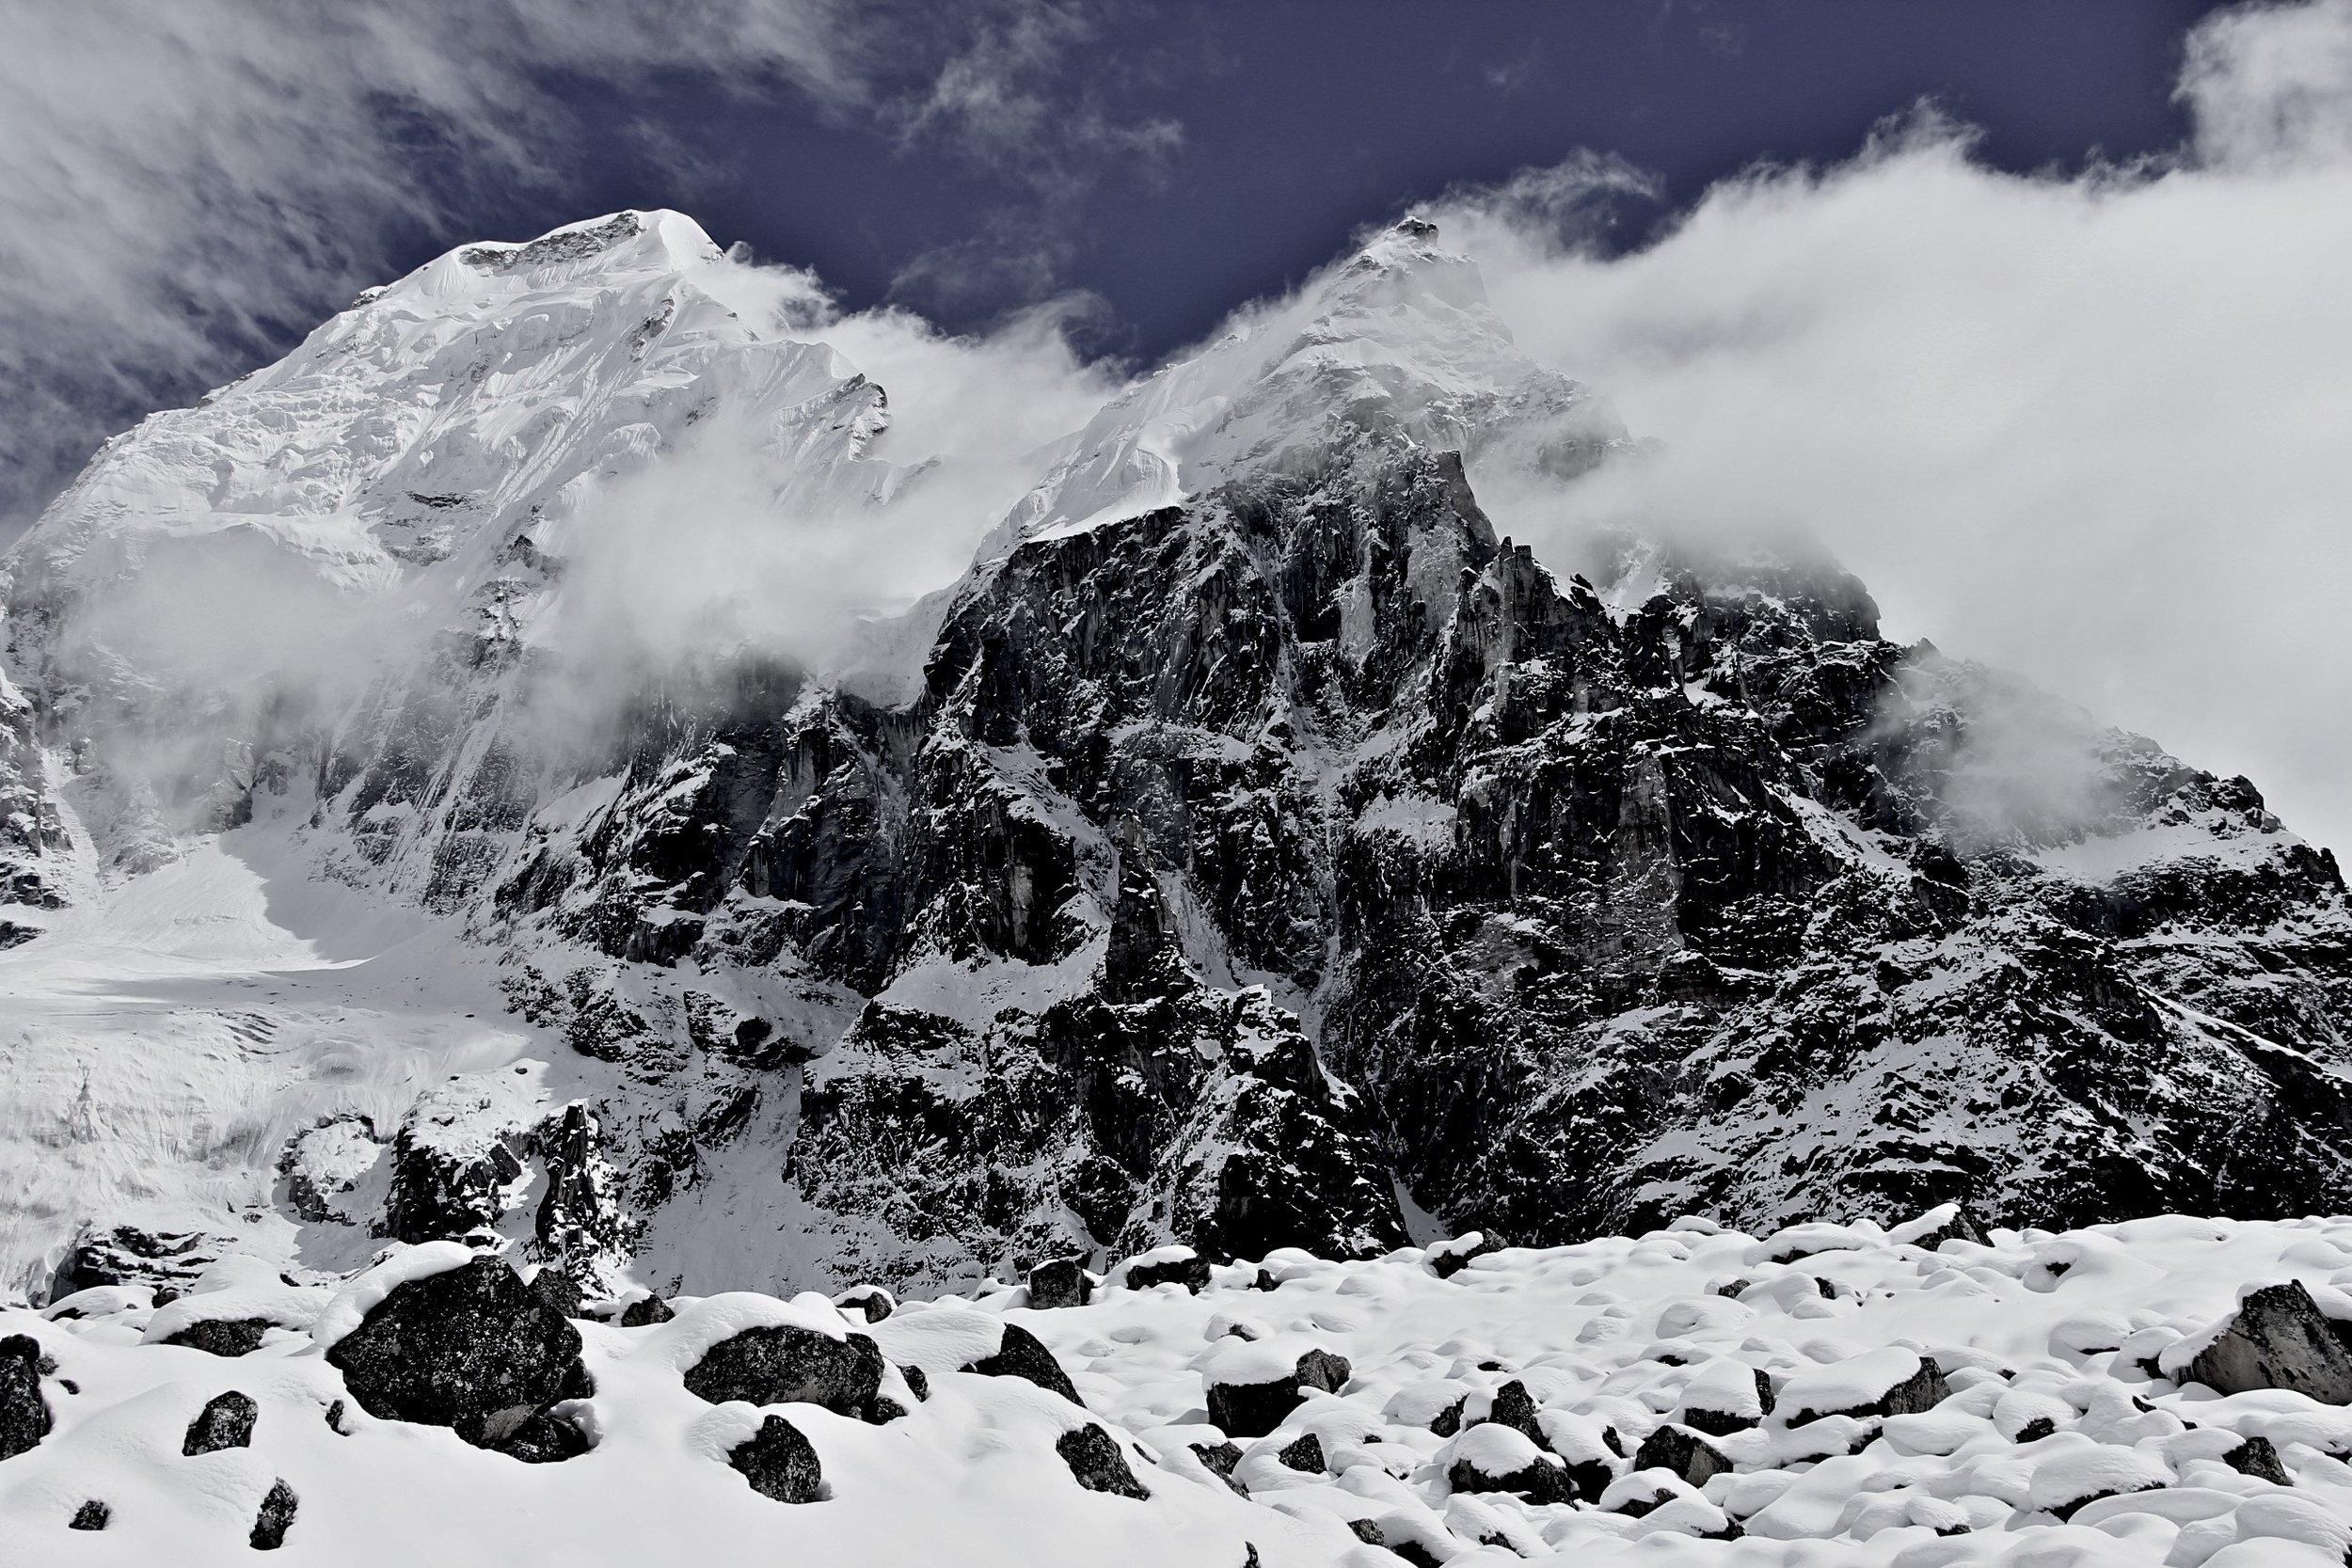 Kabru 7,311m and Ratong 6,679m